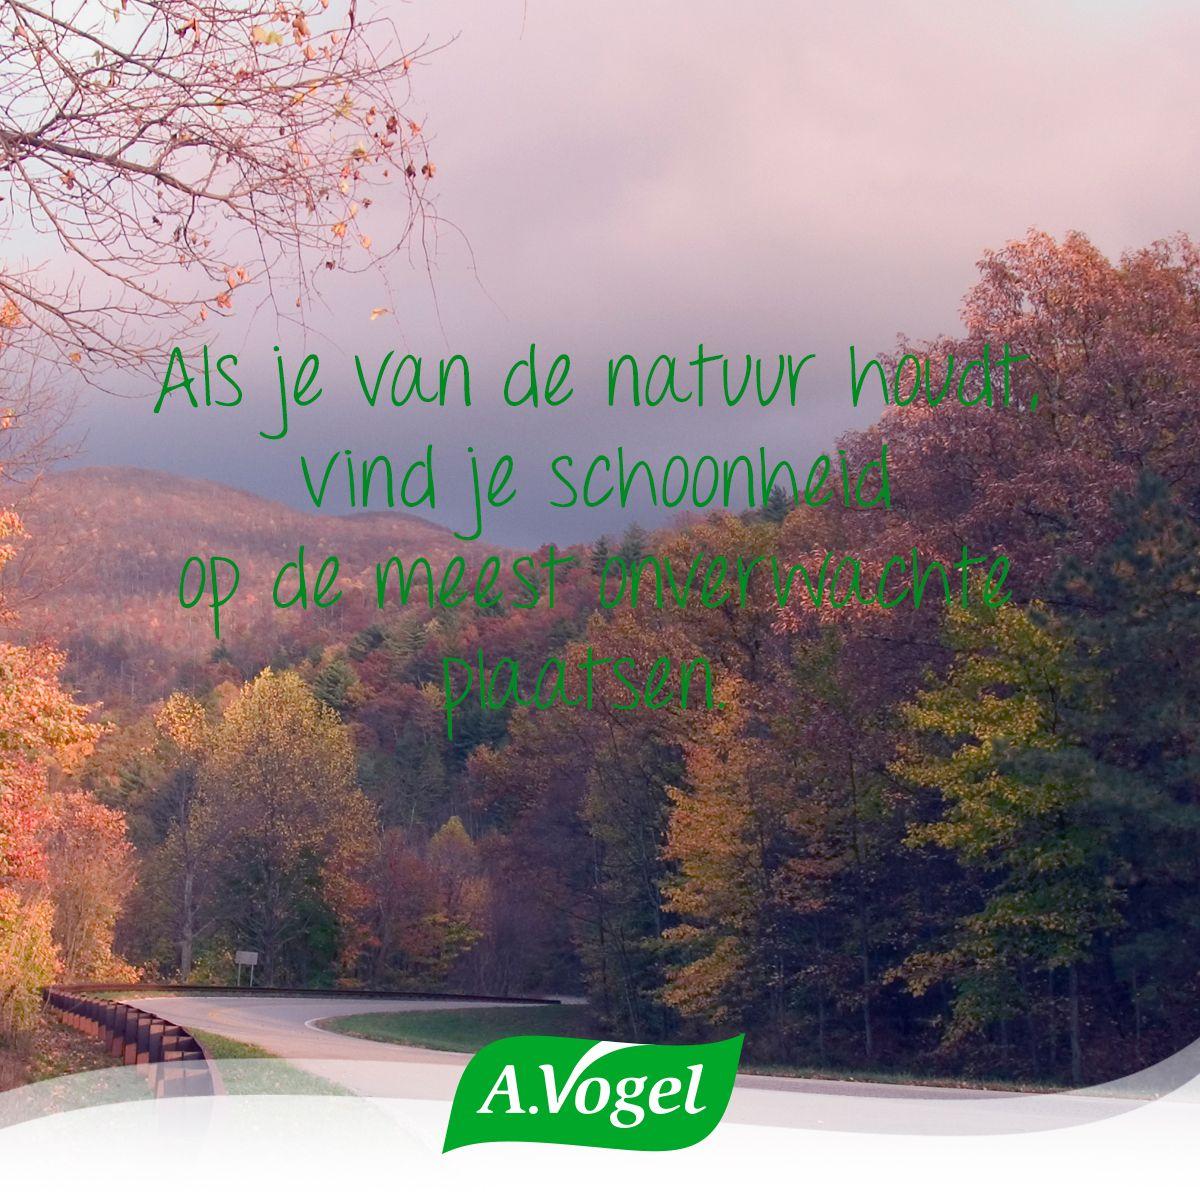 Schoonheid is overal om ons heen! #schoonheid #natuur